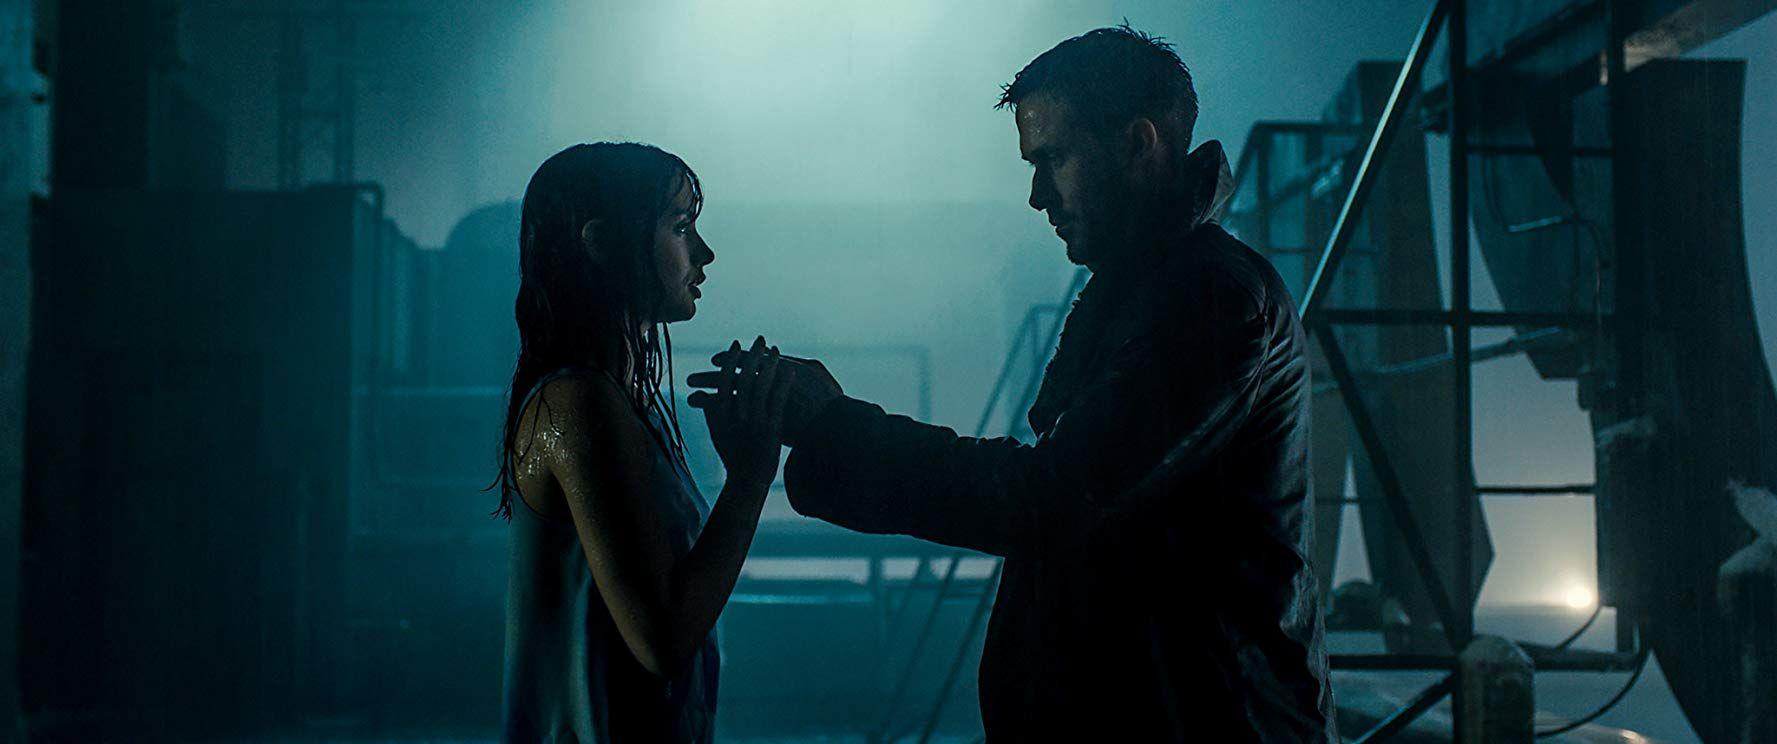 35 New Blade Runner 2049 Photos Blade Runner 2049 Blade Runner Roger Deakins Cinematography